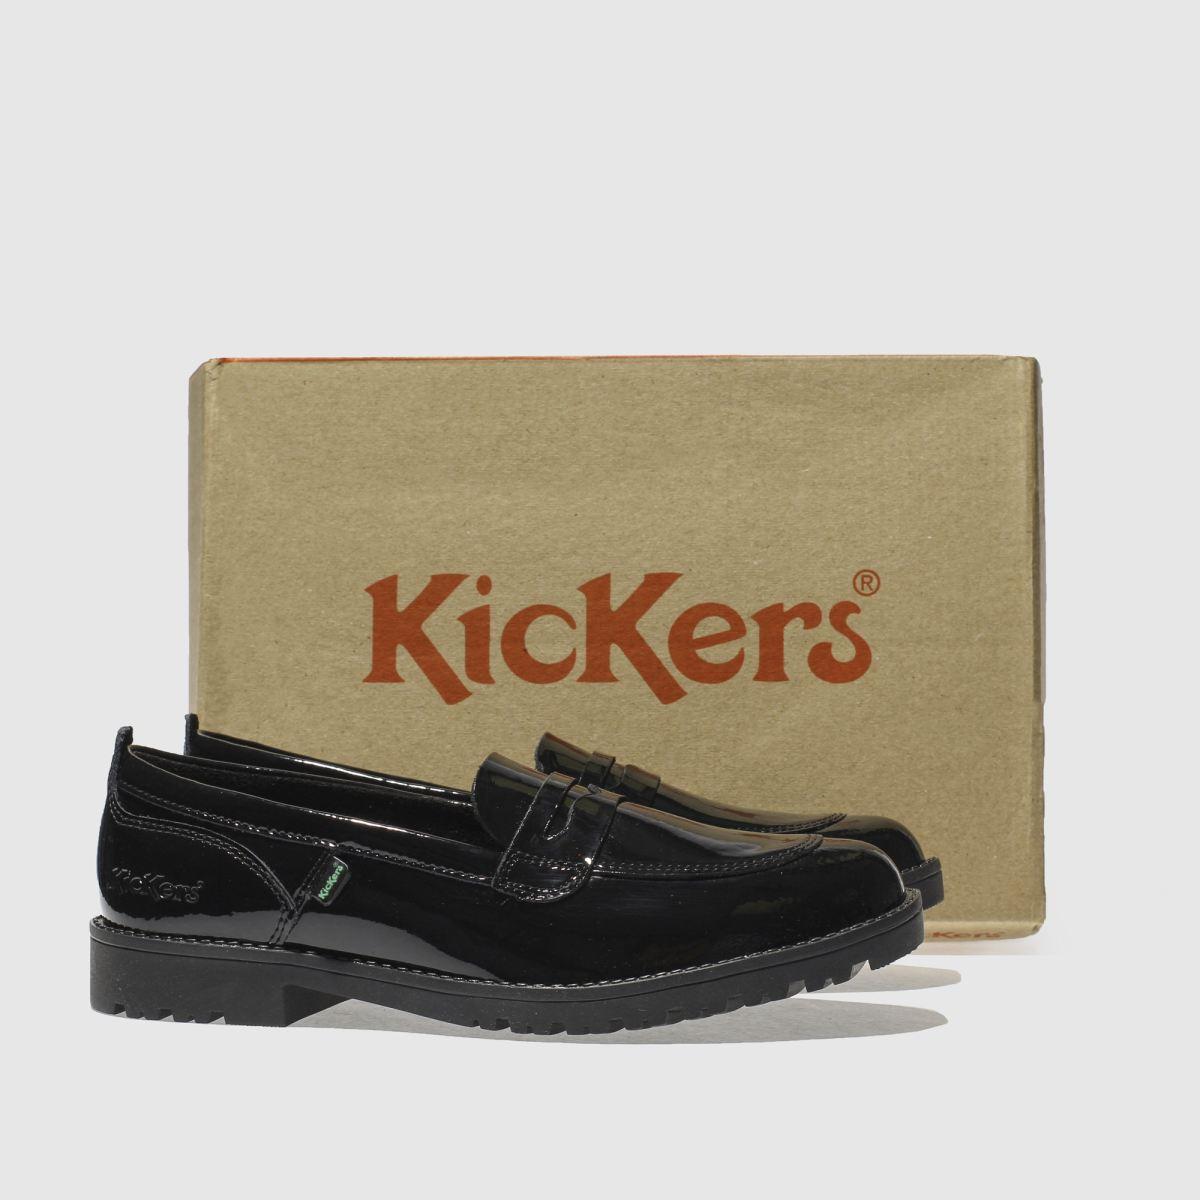 Damen Schwarz kickers Lachly Loafer Flats | Schuhe schuh Gute Qualität beliebte Schuhe | d002e4